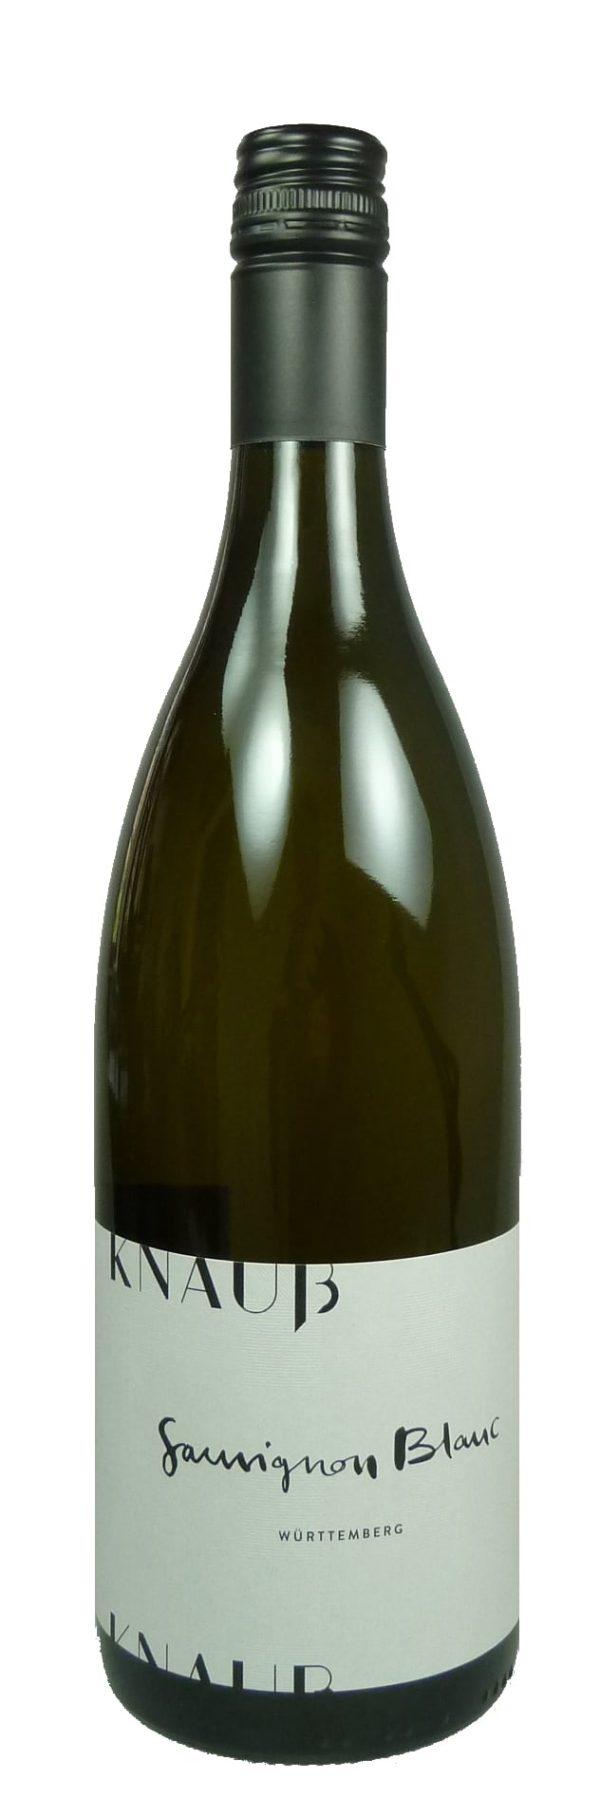 Sauvignon blanc Qualitätswein trocken 2016